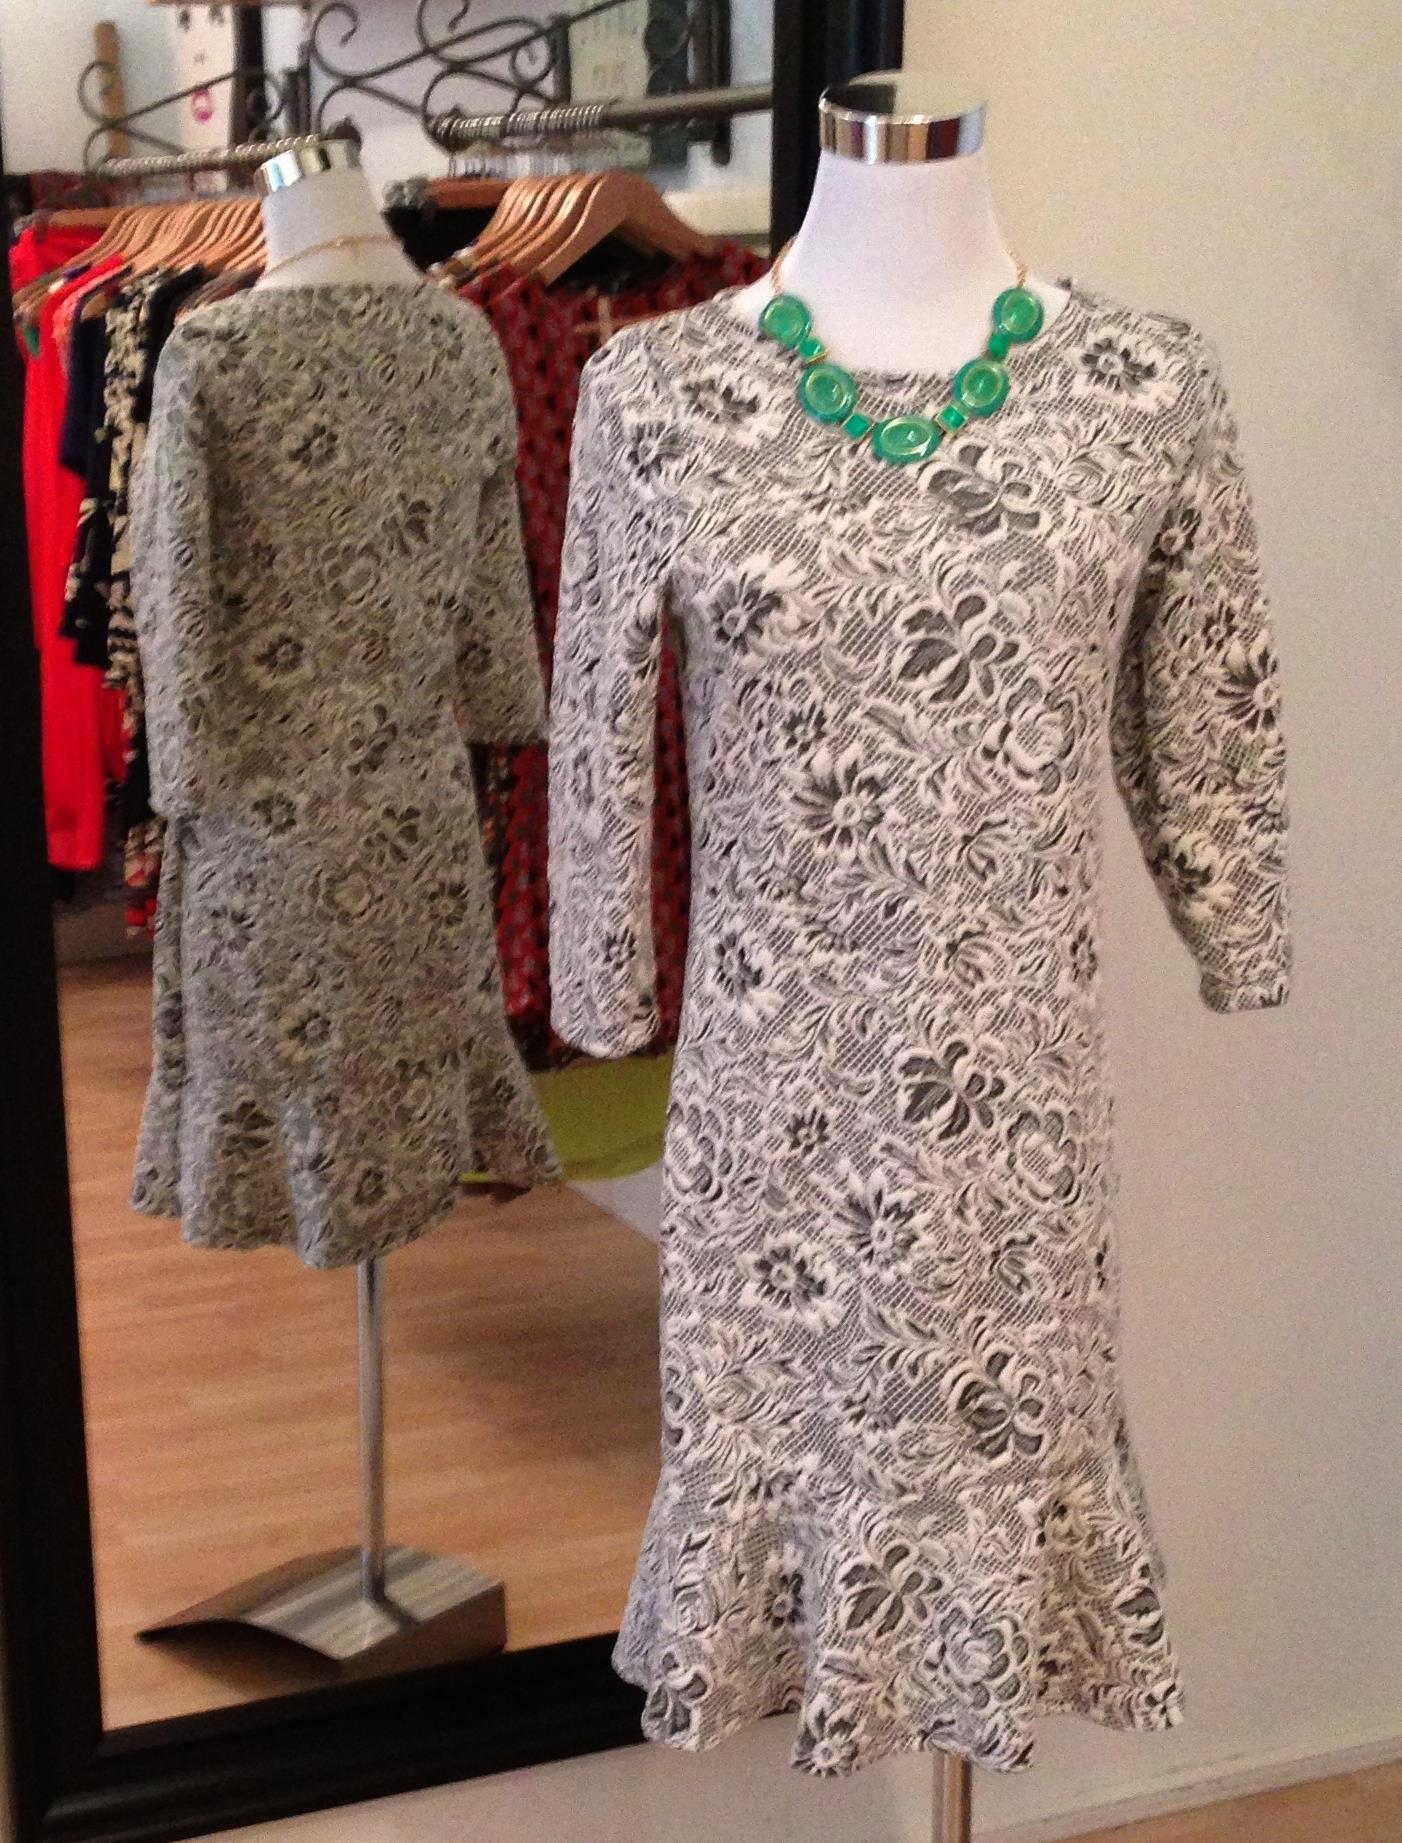 Textured floral dress, $48